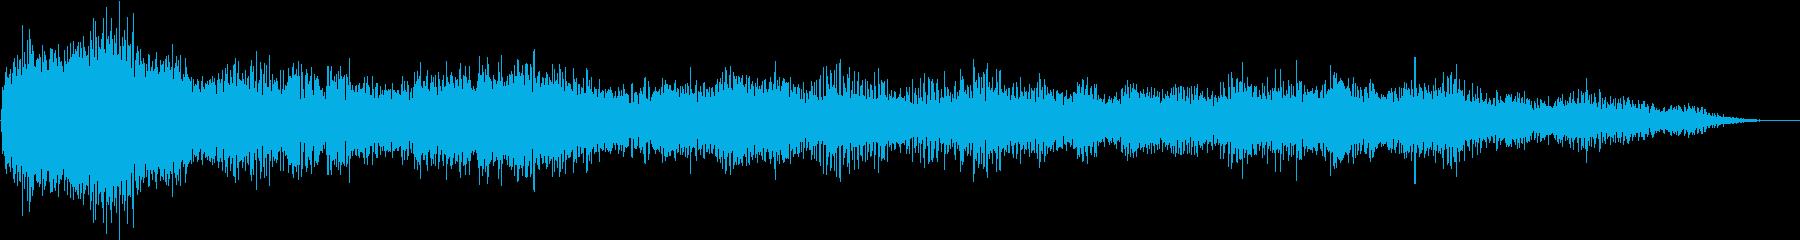 ホラー映画に出てきそうなノイズ系音源06の再生済みの波形